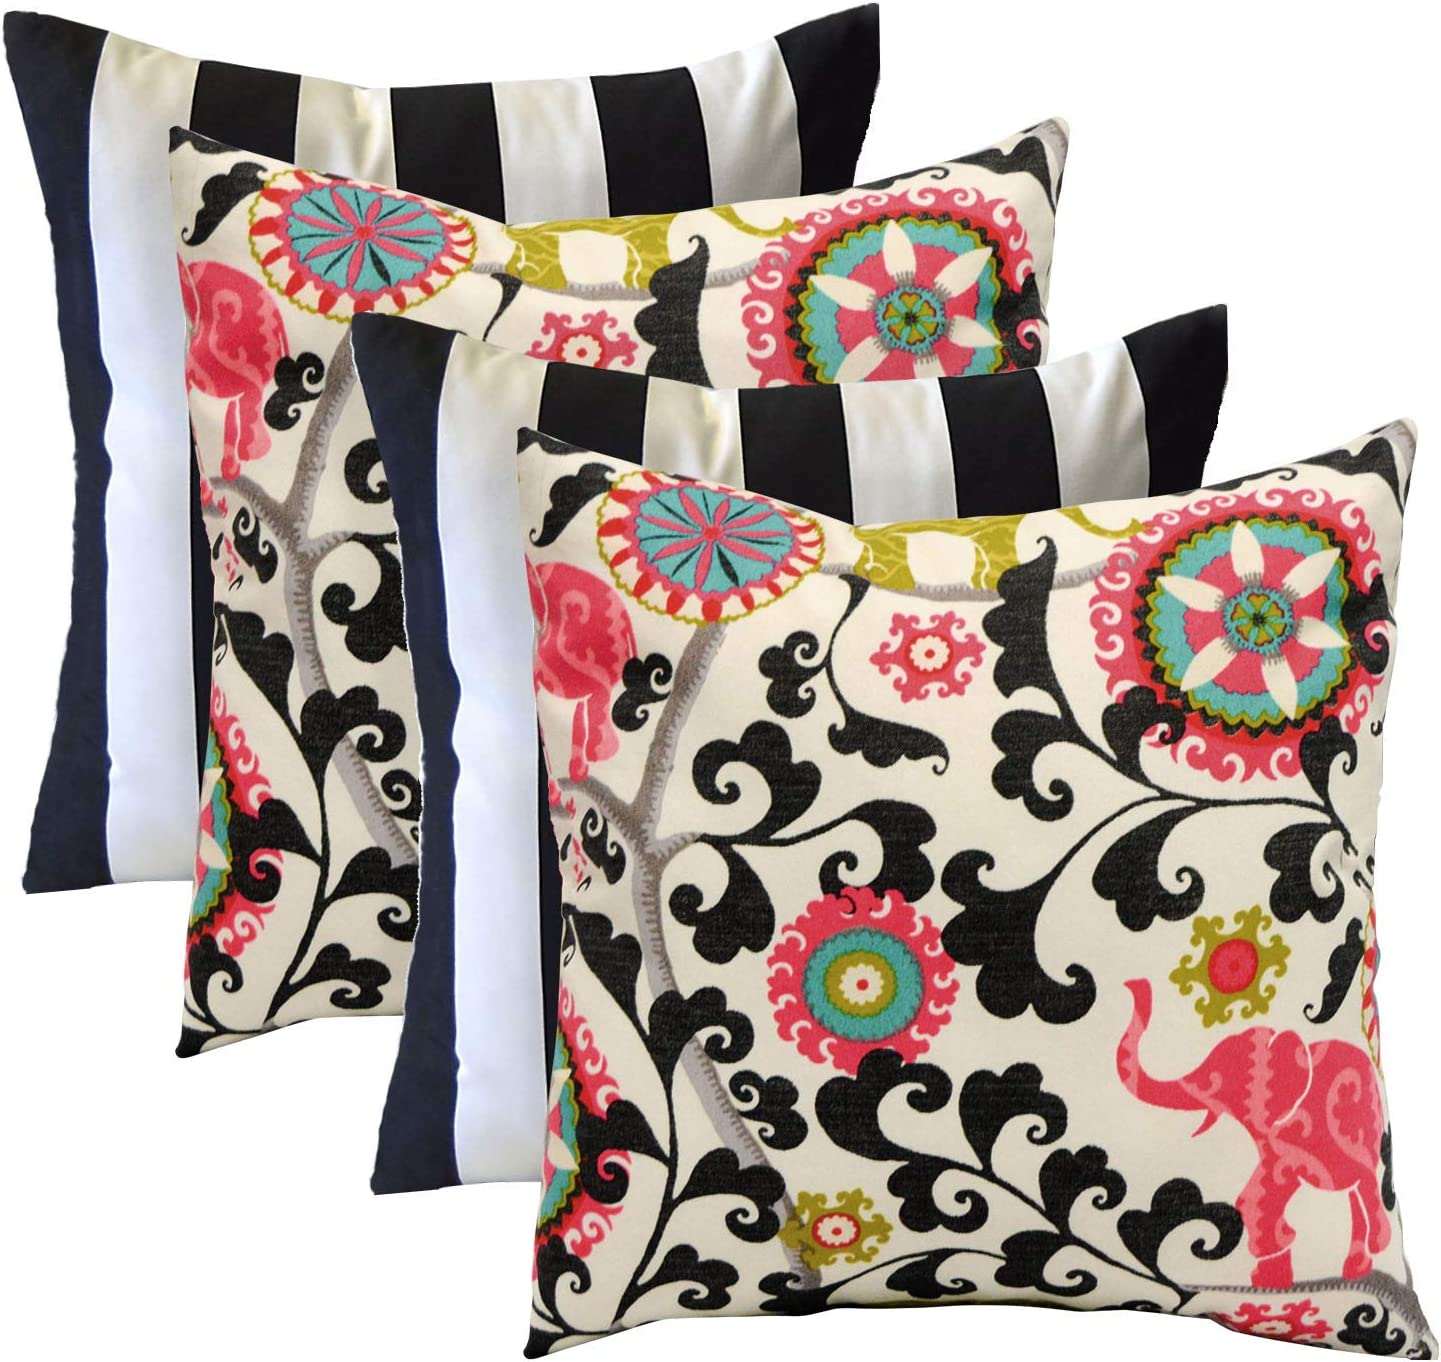 RSH Décor Designer Indoor / Outdoor - 4 Pack Coordinating Pillow Sets (20